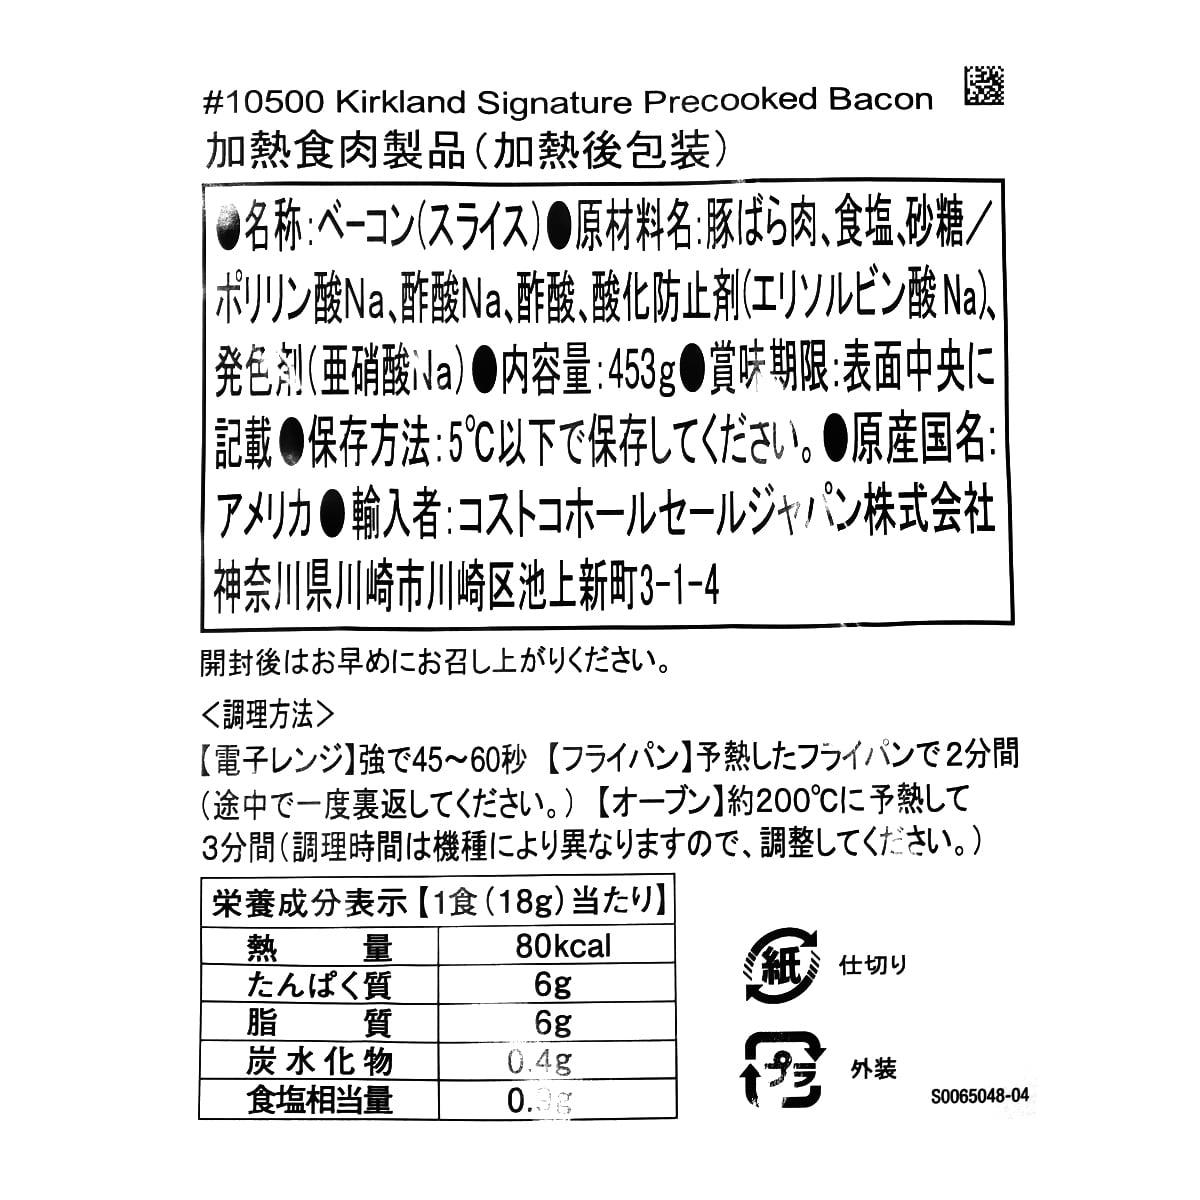 カークランドシグネチャー プリクックドベーコン 453g 商品ラベル(原材料・カロリーほか)